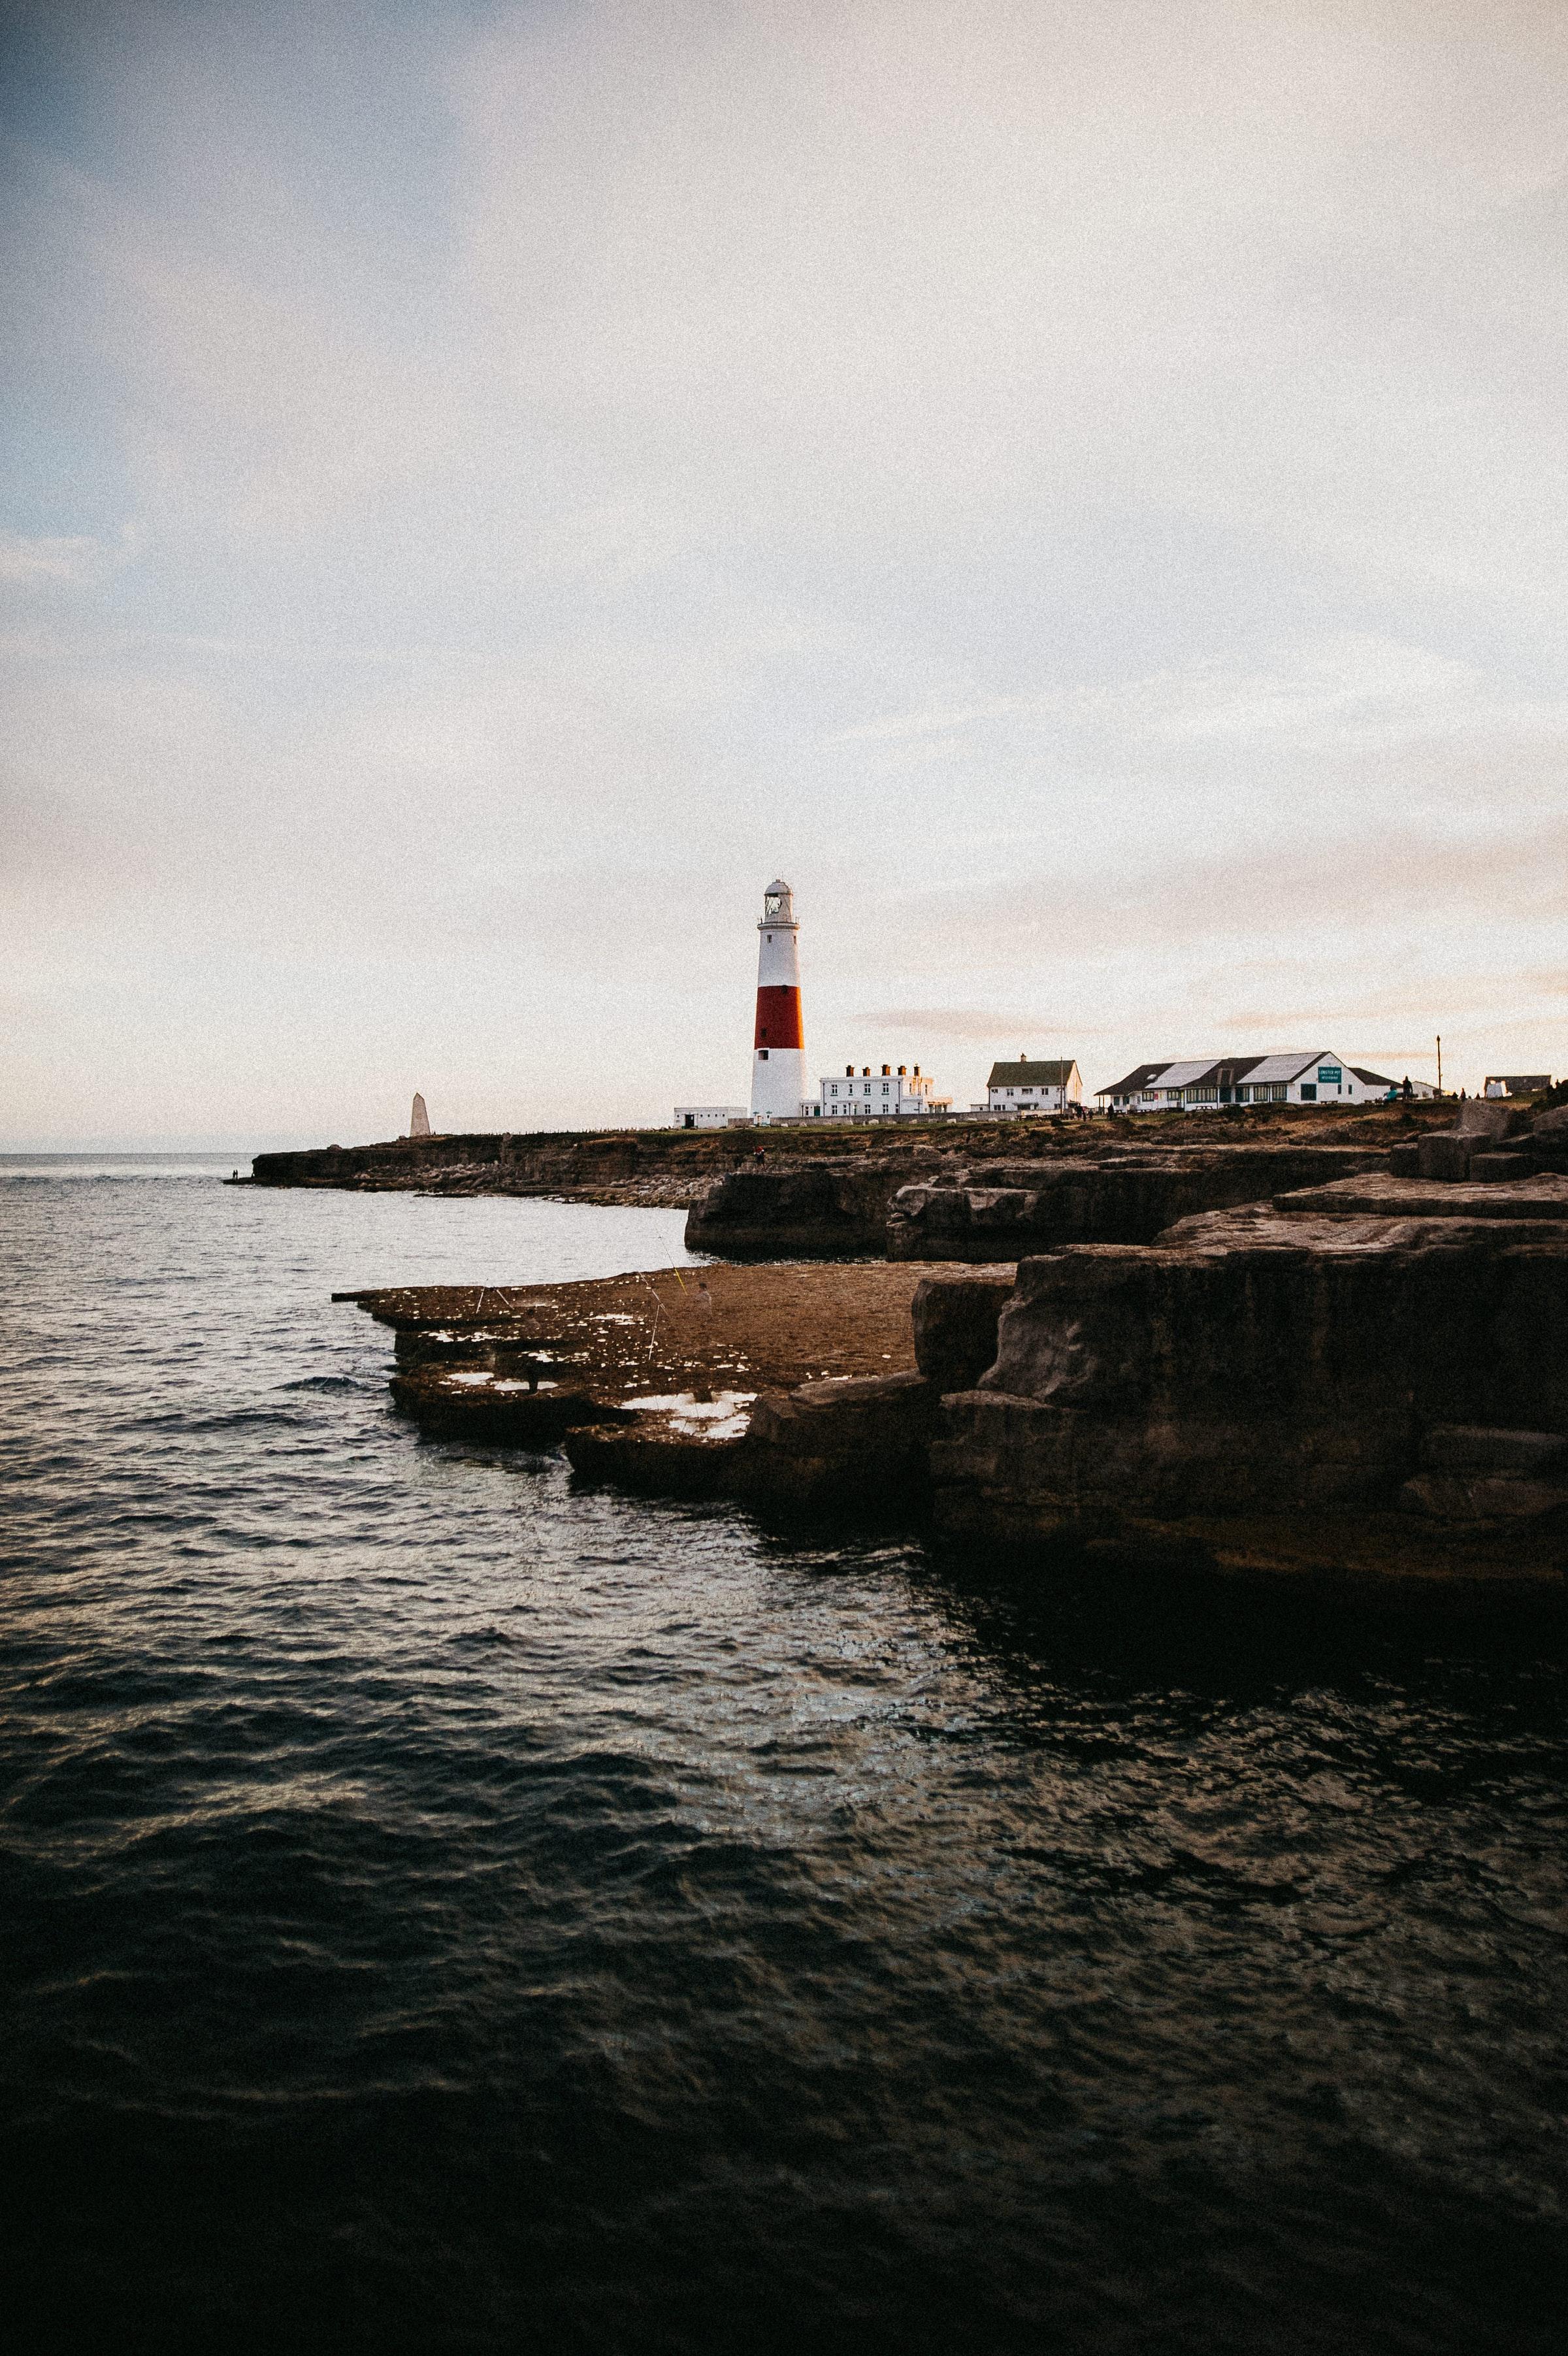 148611壁紙のダウンロード自然, 灯台, 建物, 海岸, 海, 地平線, 水-スクリーンセーバーと写真を無料で